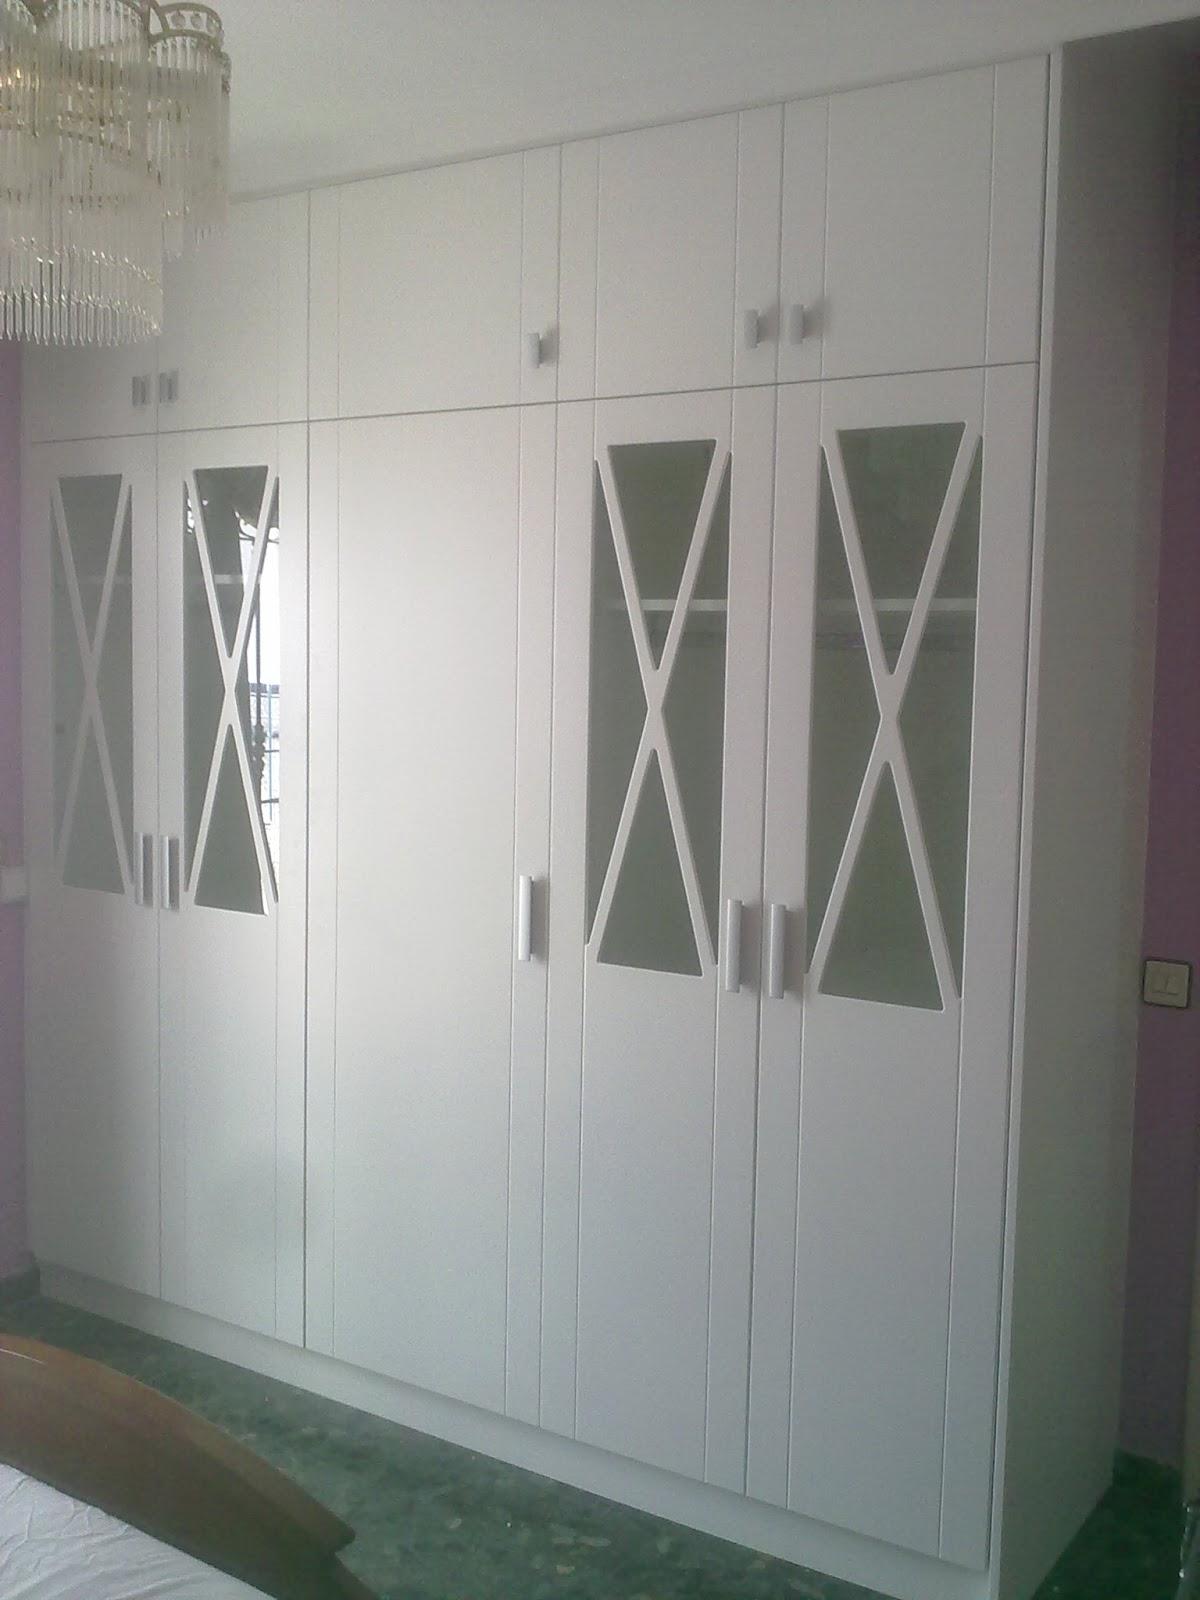 Carpinteria los molinos fotos de trabajos de dormitorios - Sistemas puertas correderas armarios ...